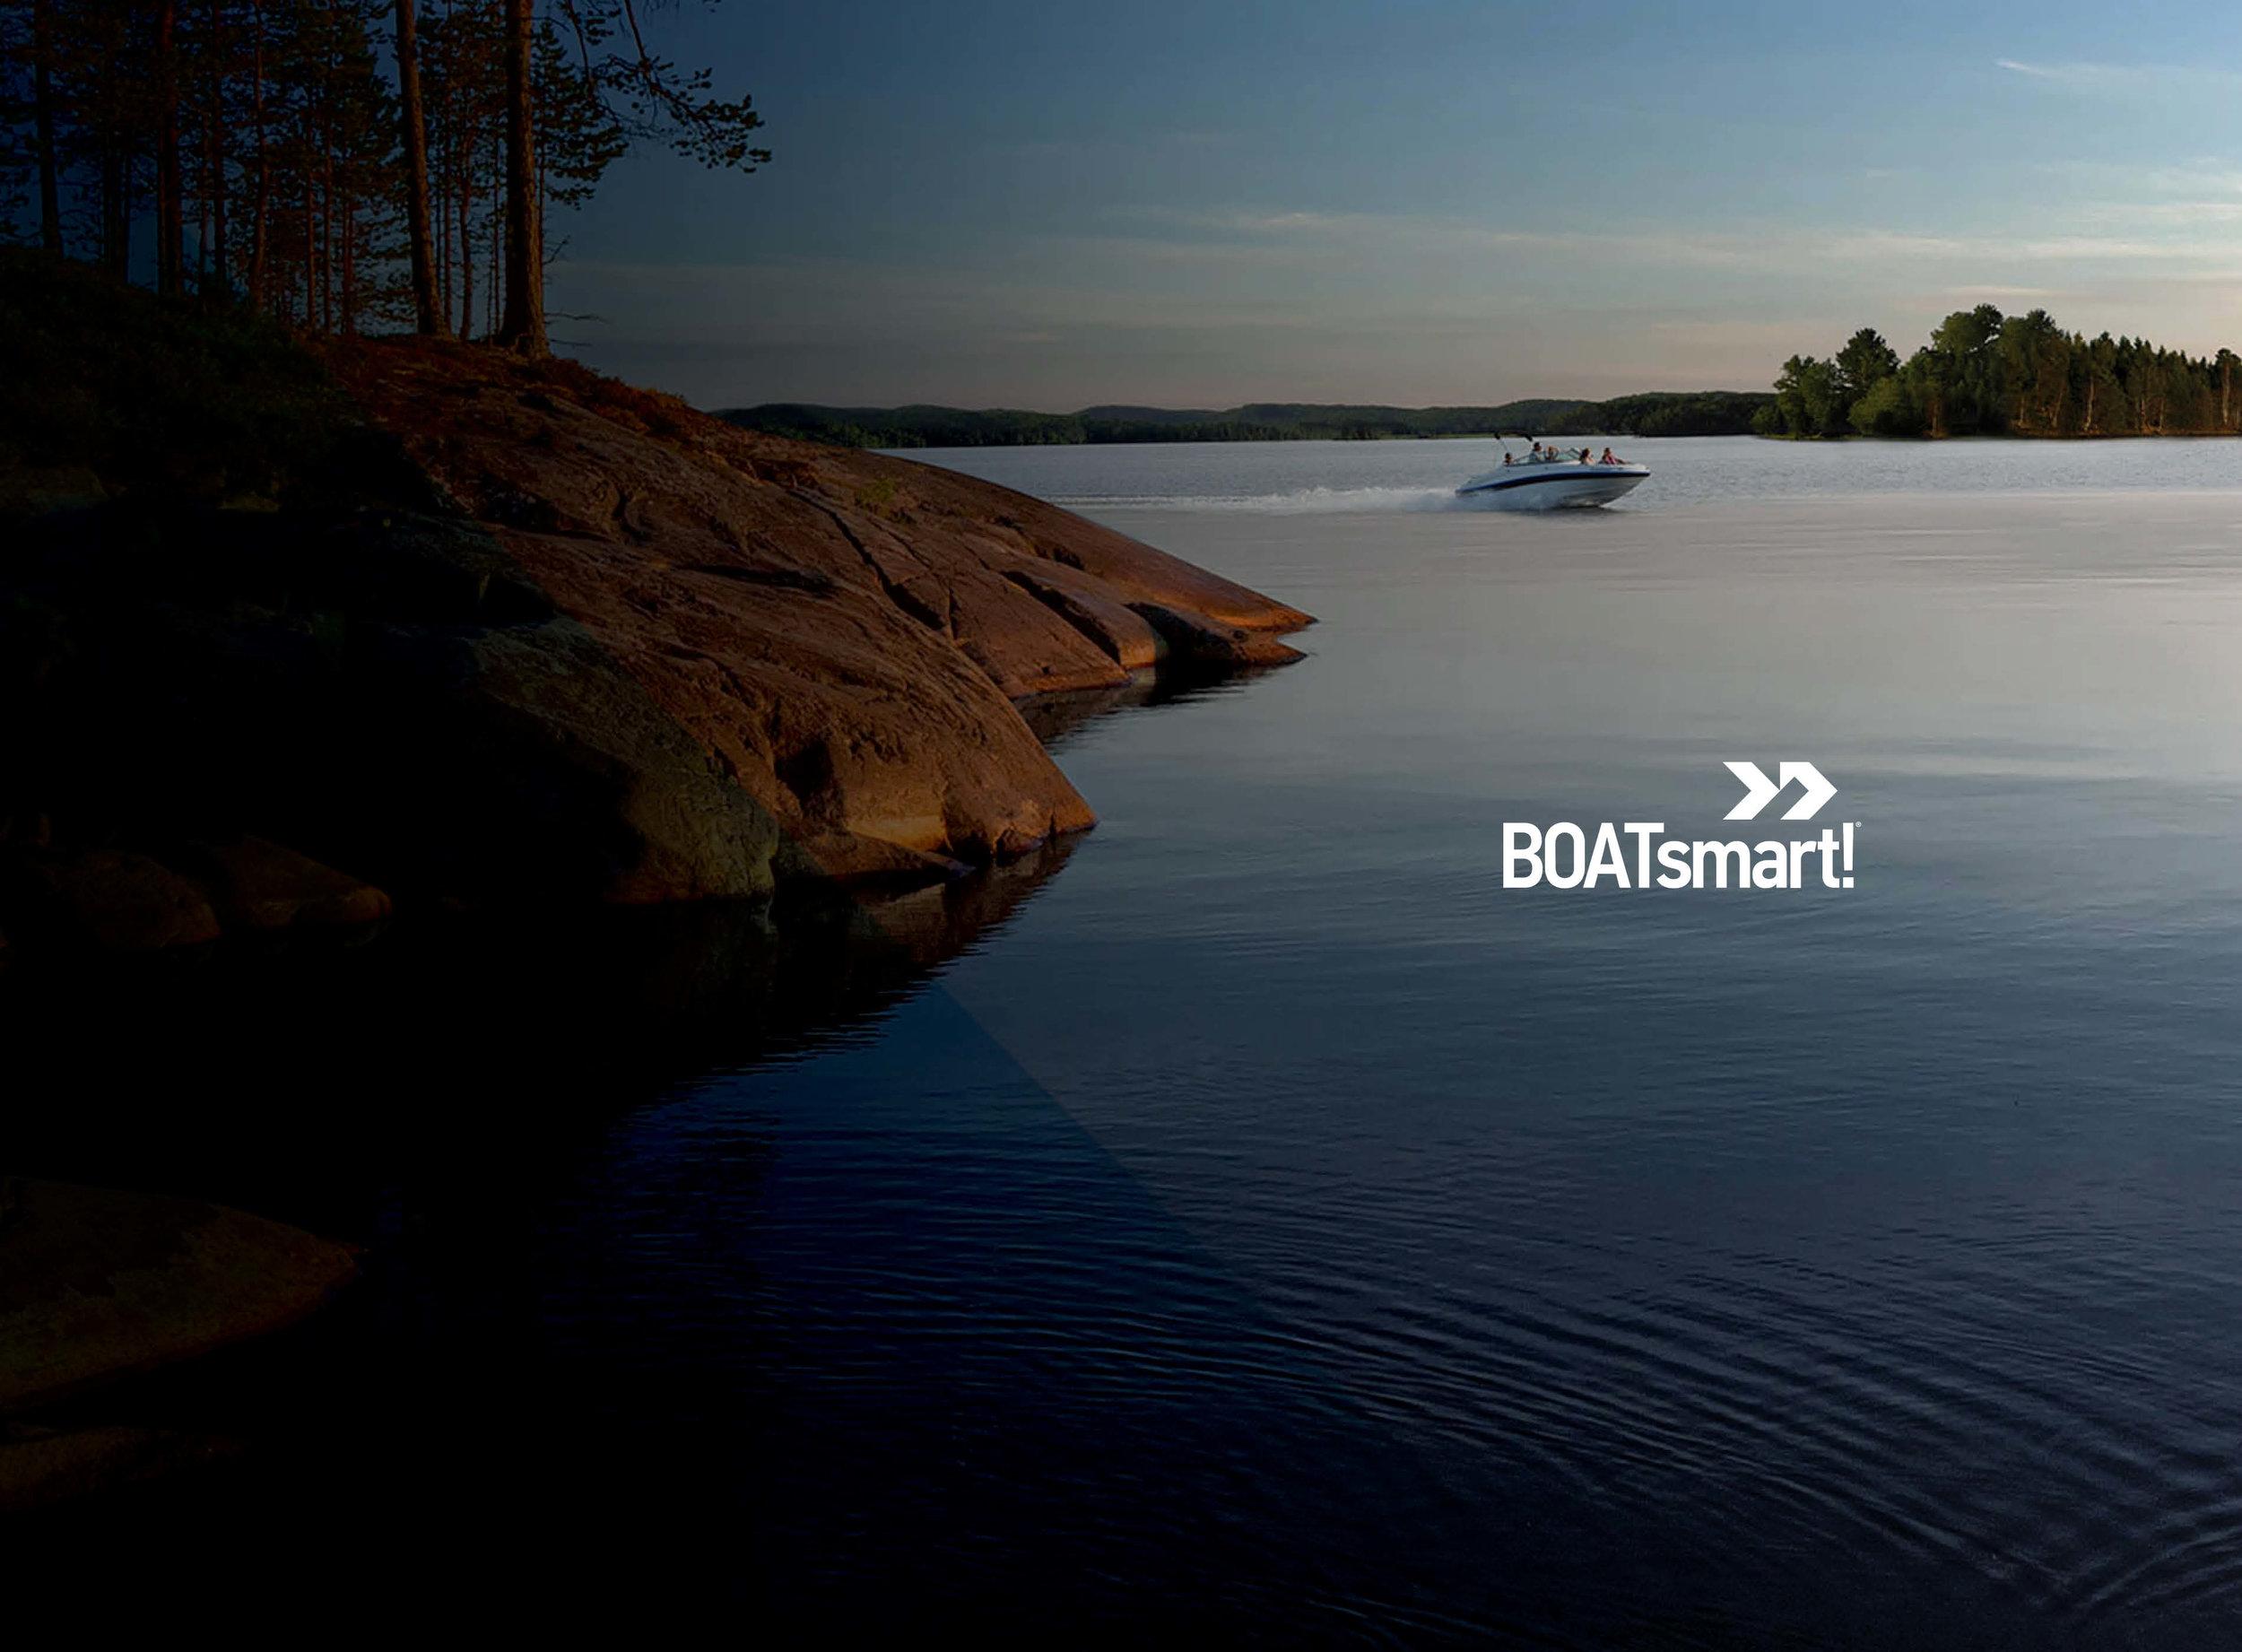 Boatsmart_2.jpg